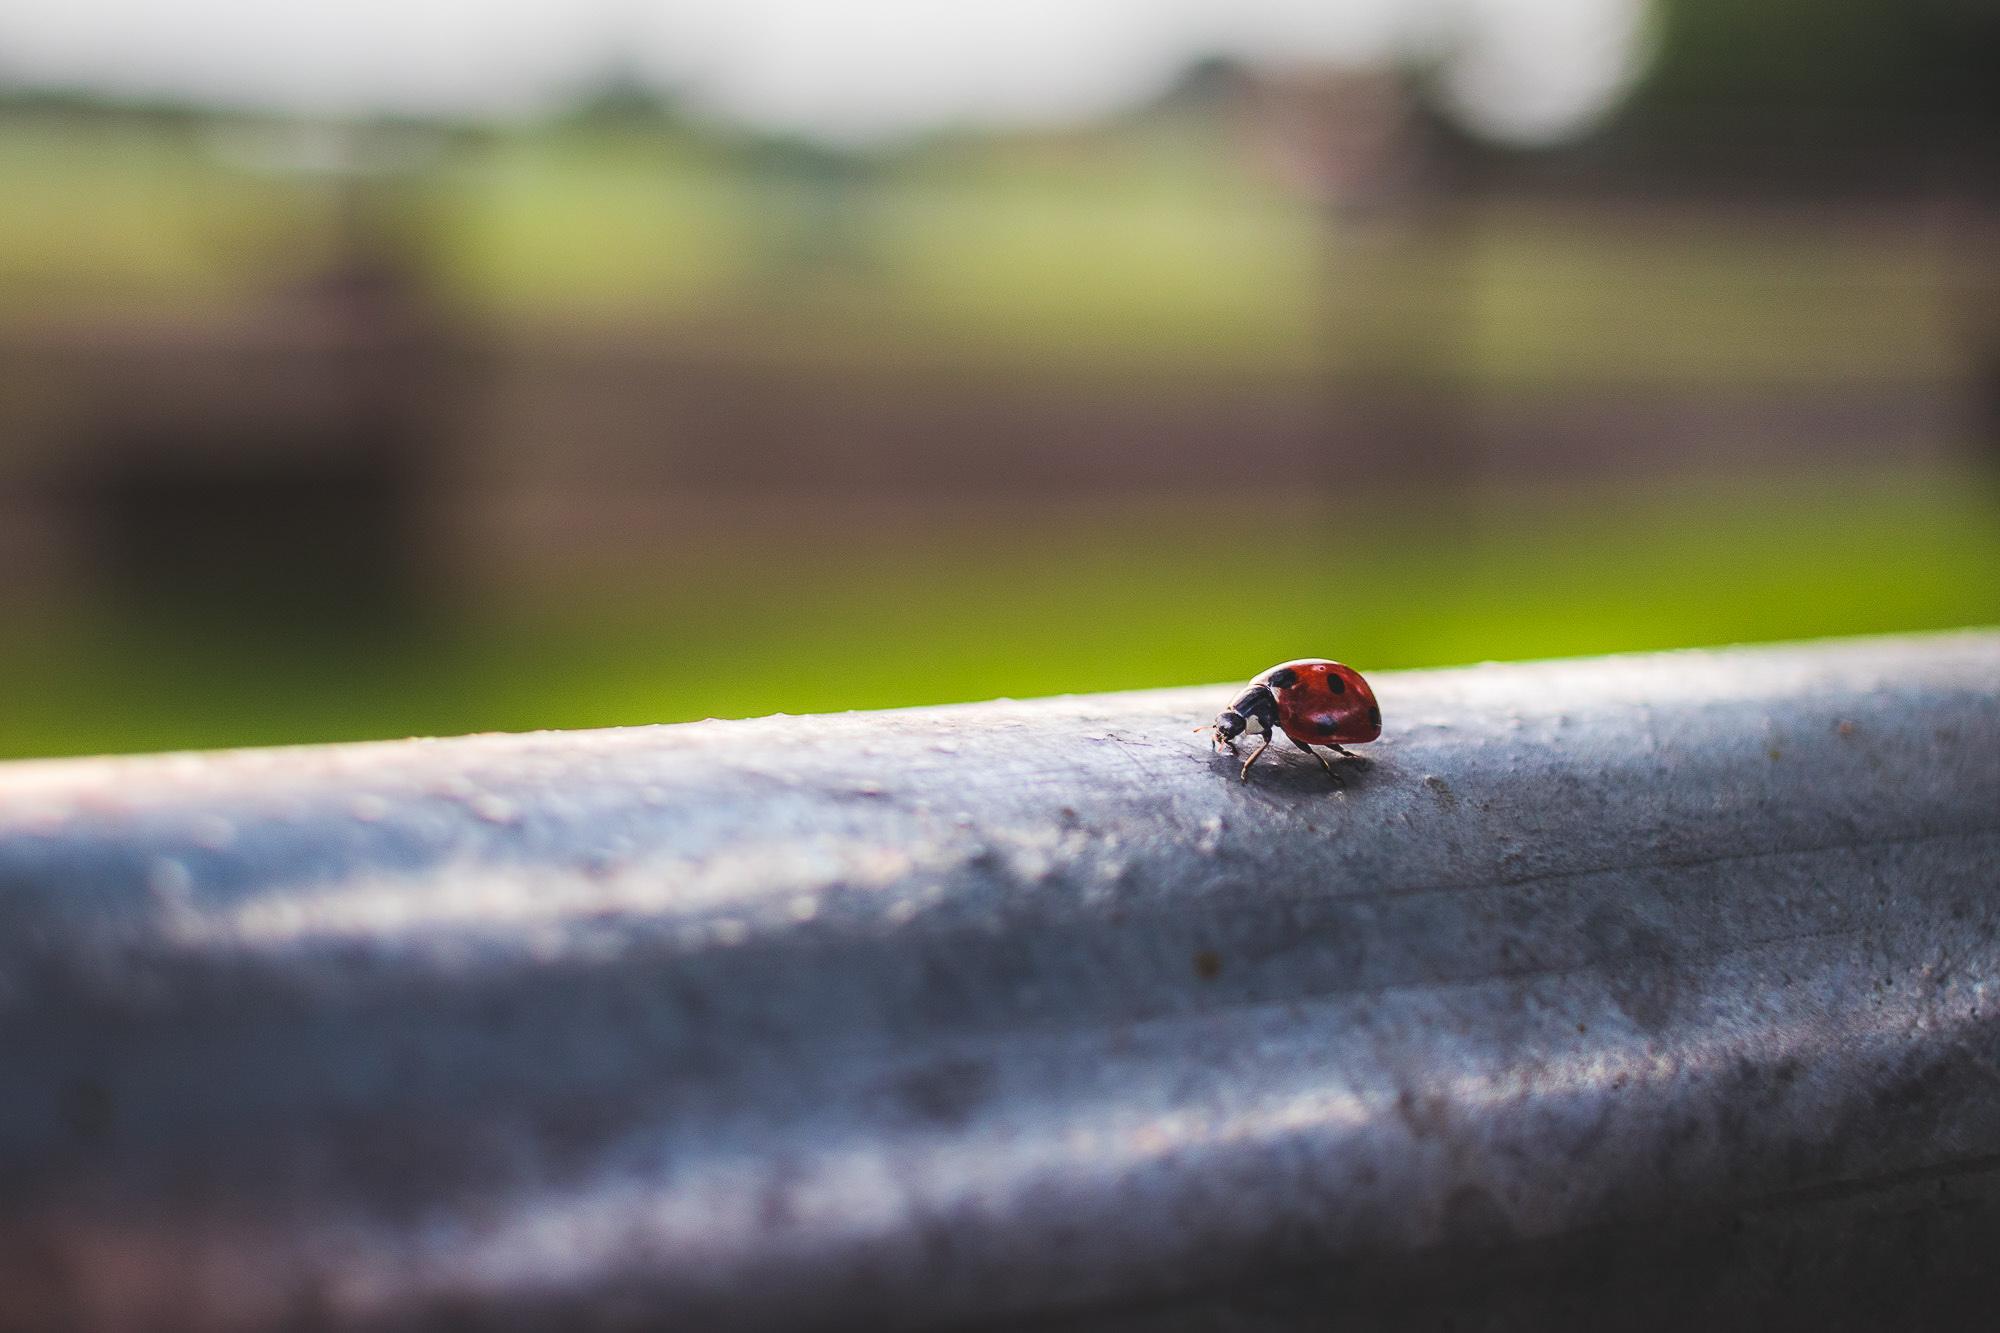 Ä Roter Käfer...